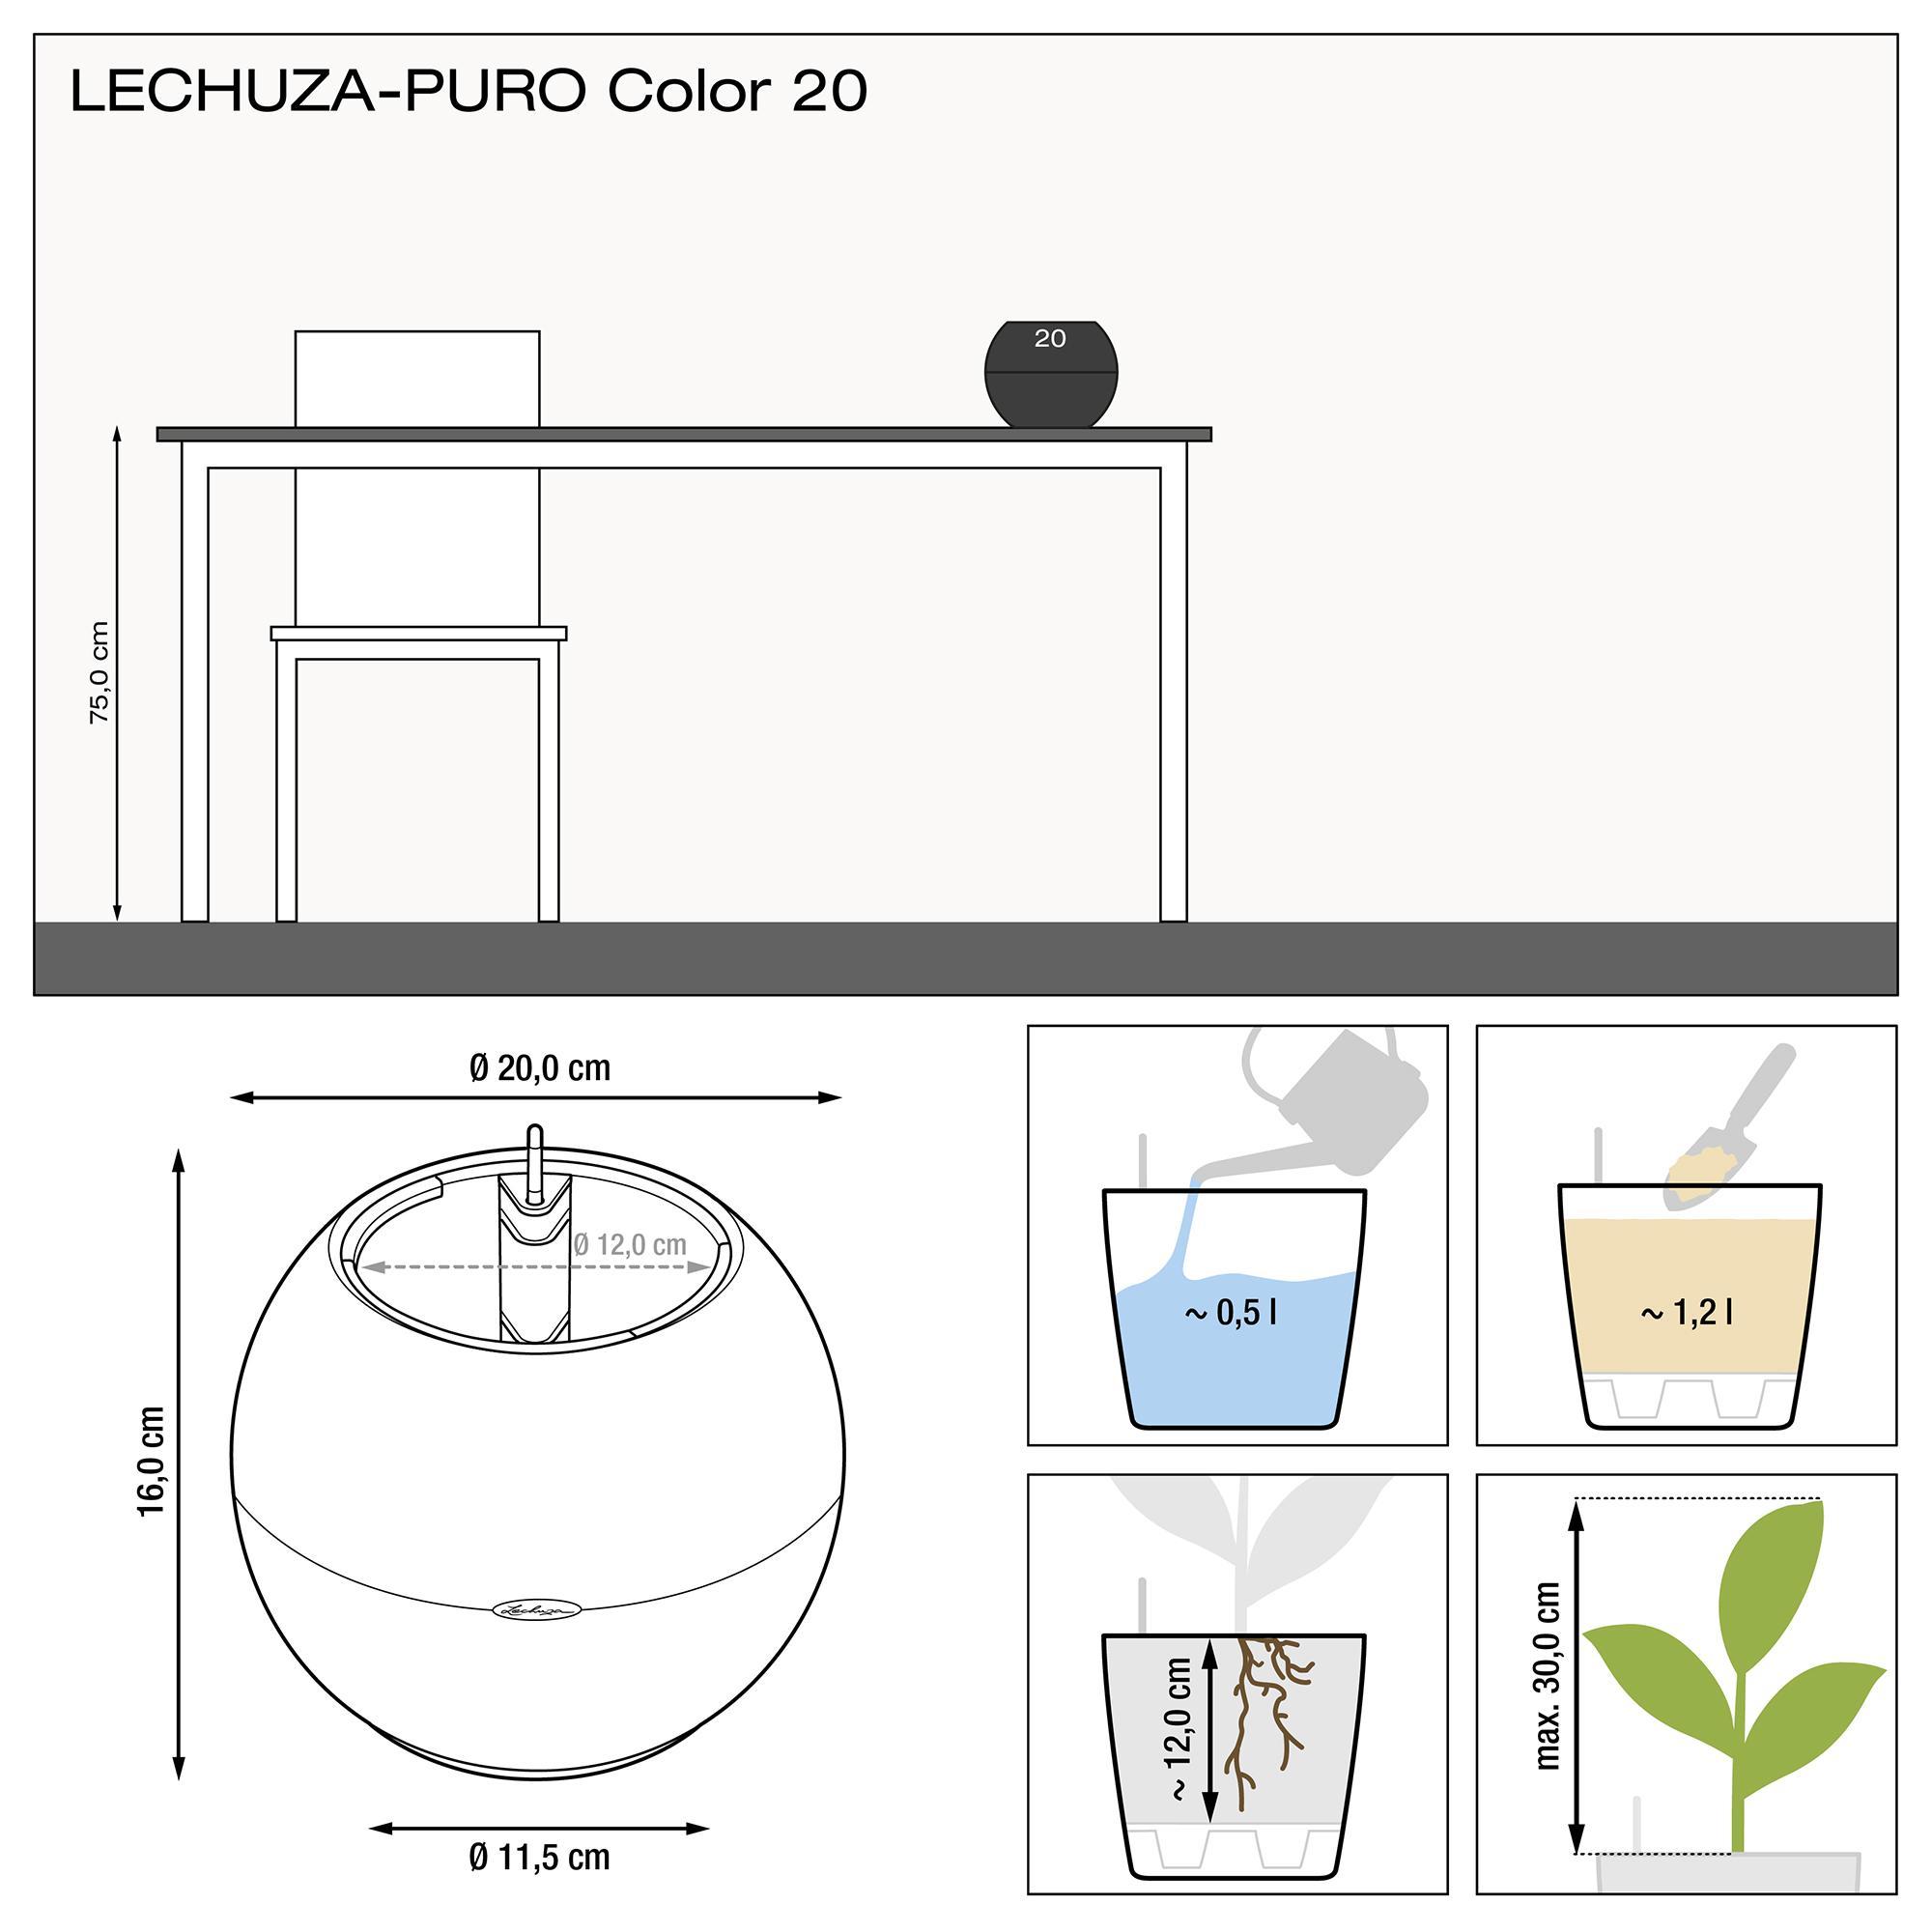 le_puro-color20_product_addi_nz